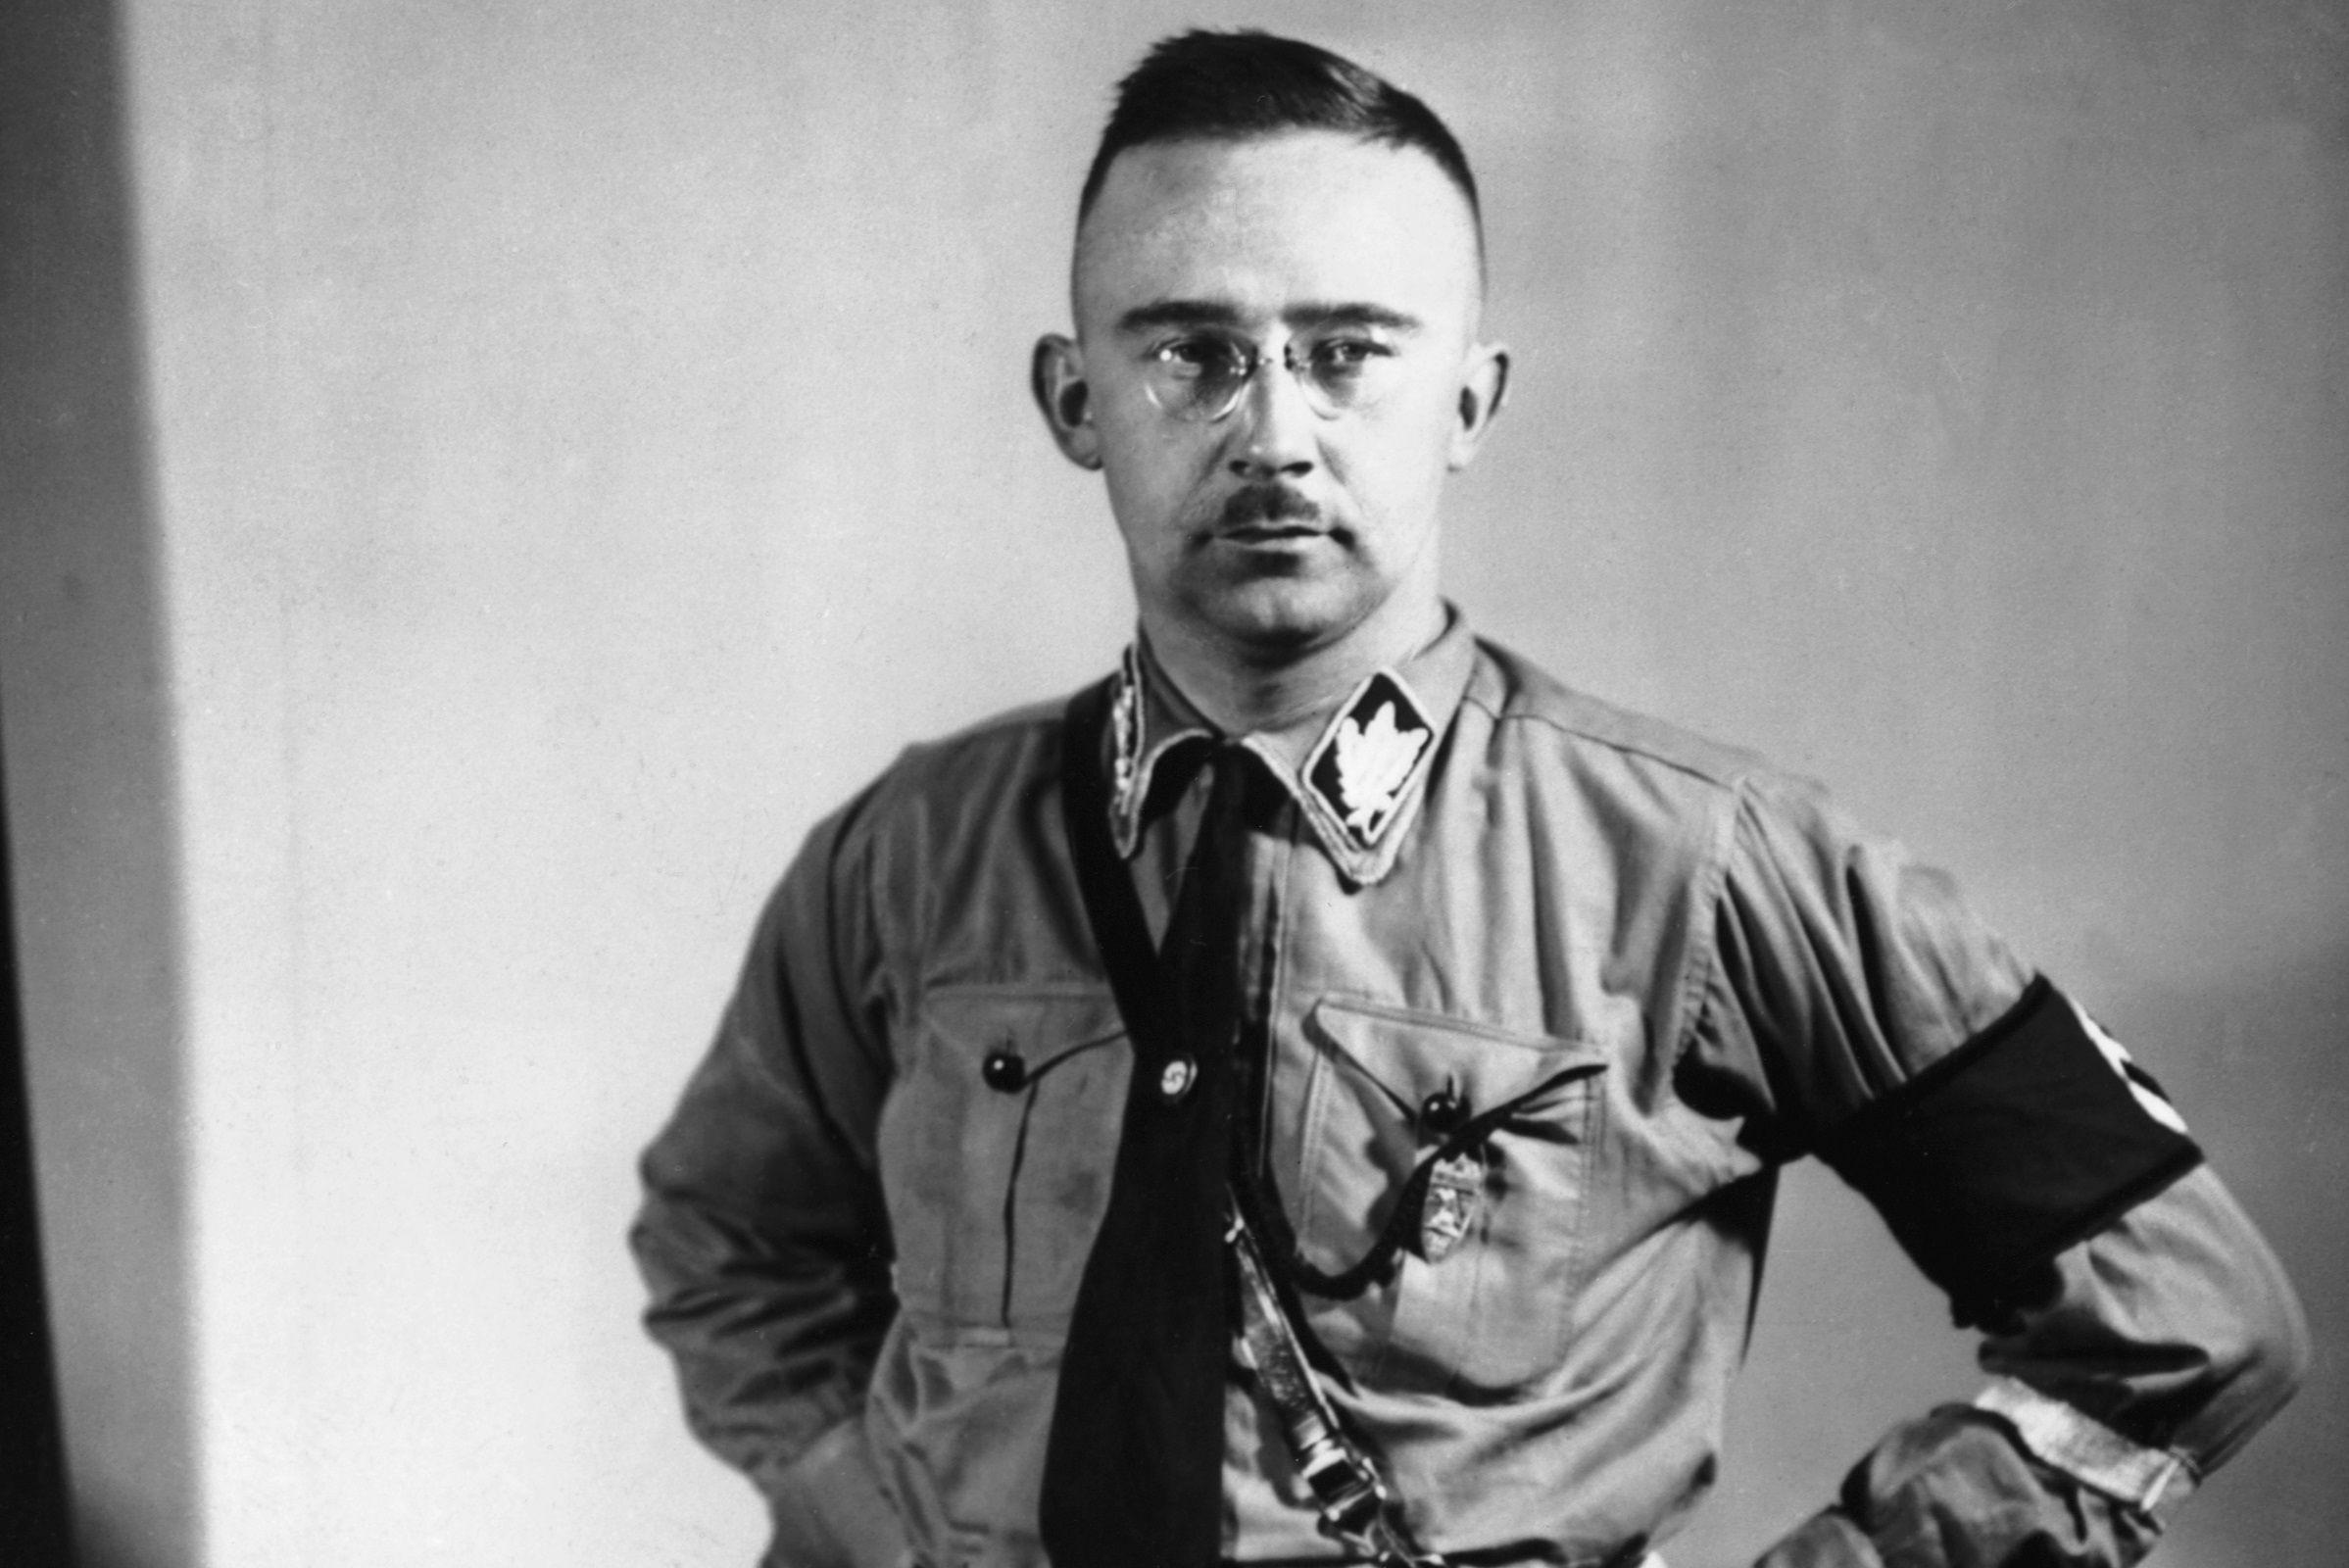 Един от най-големите злодеи в историята, Хайнрих Химлер на СС